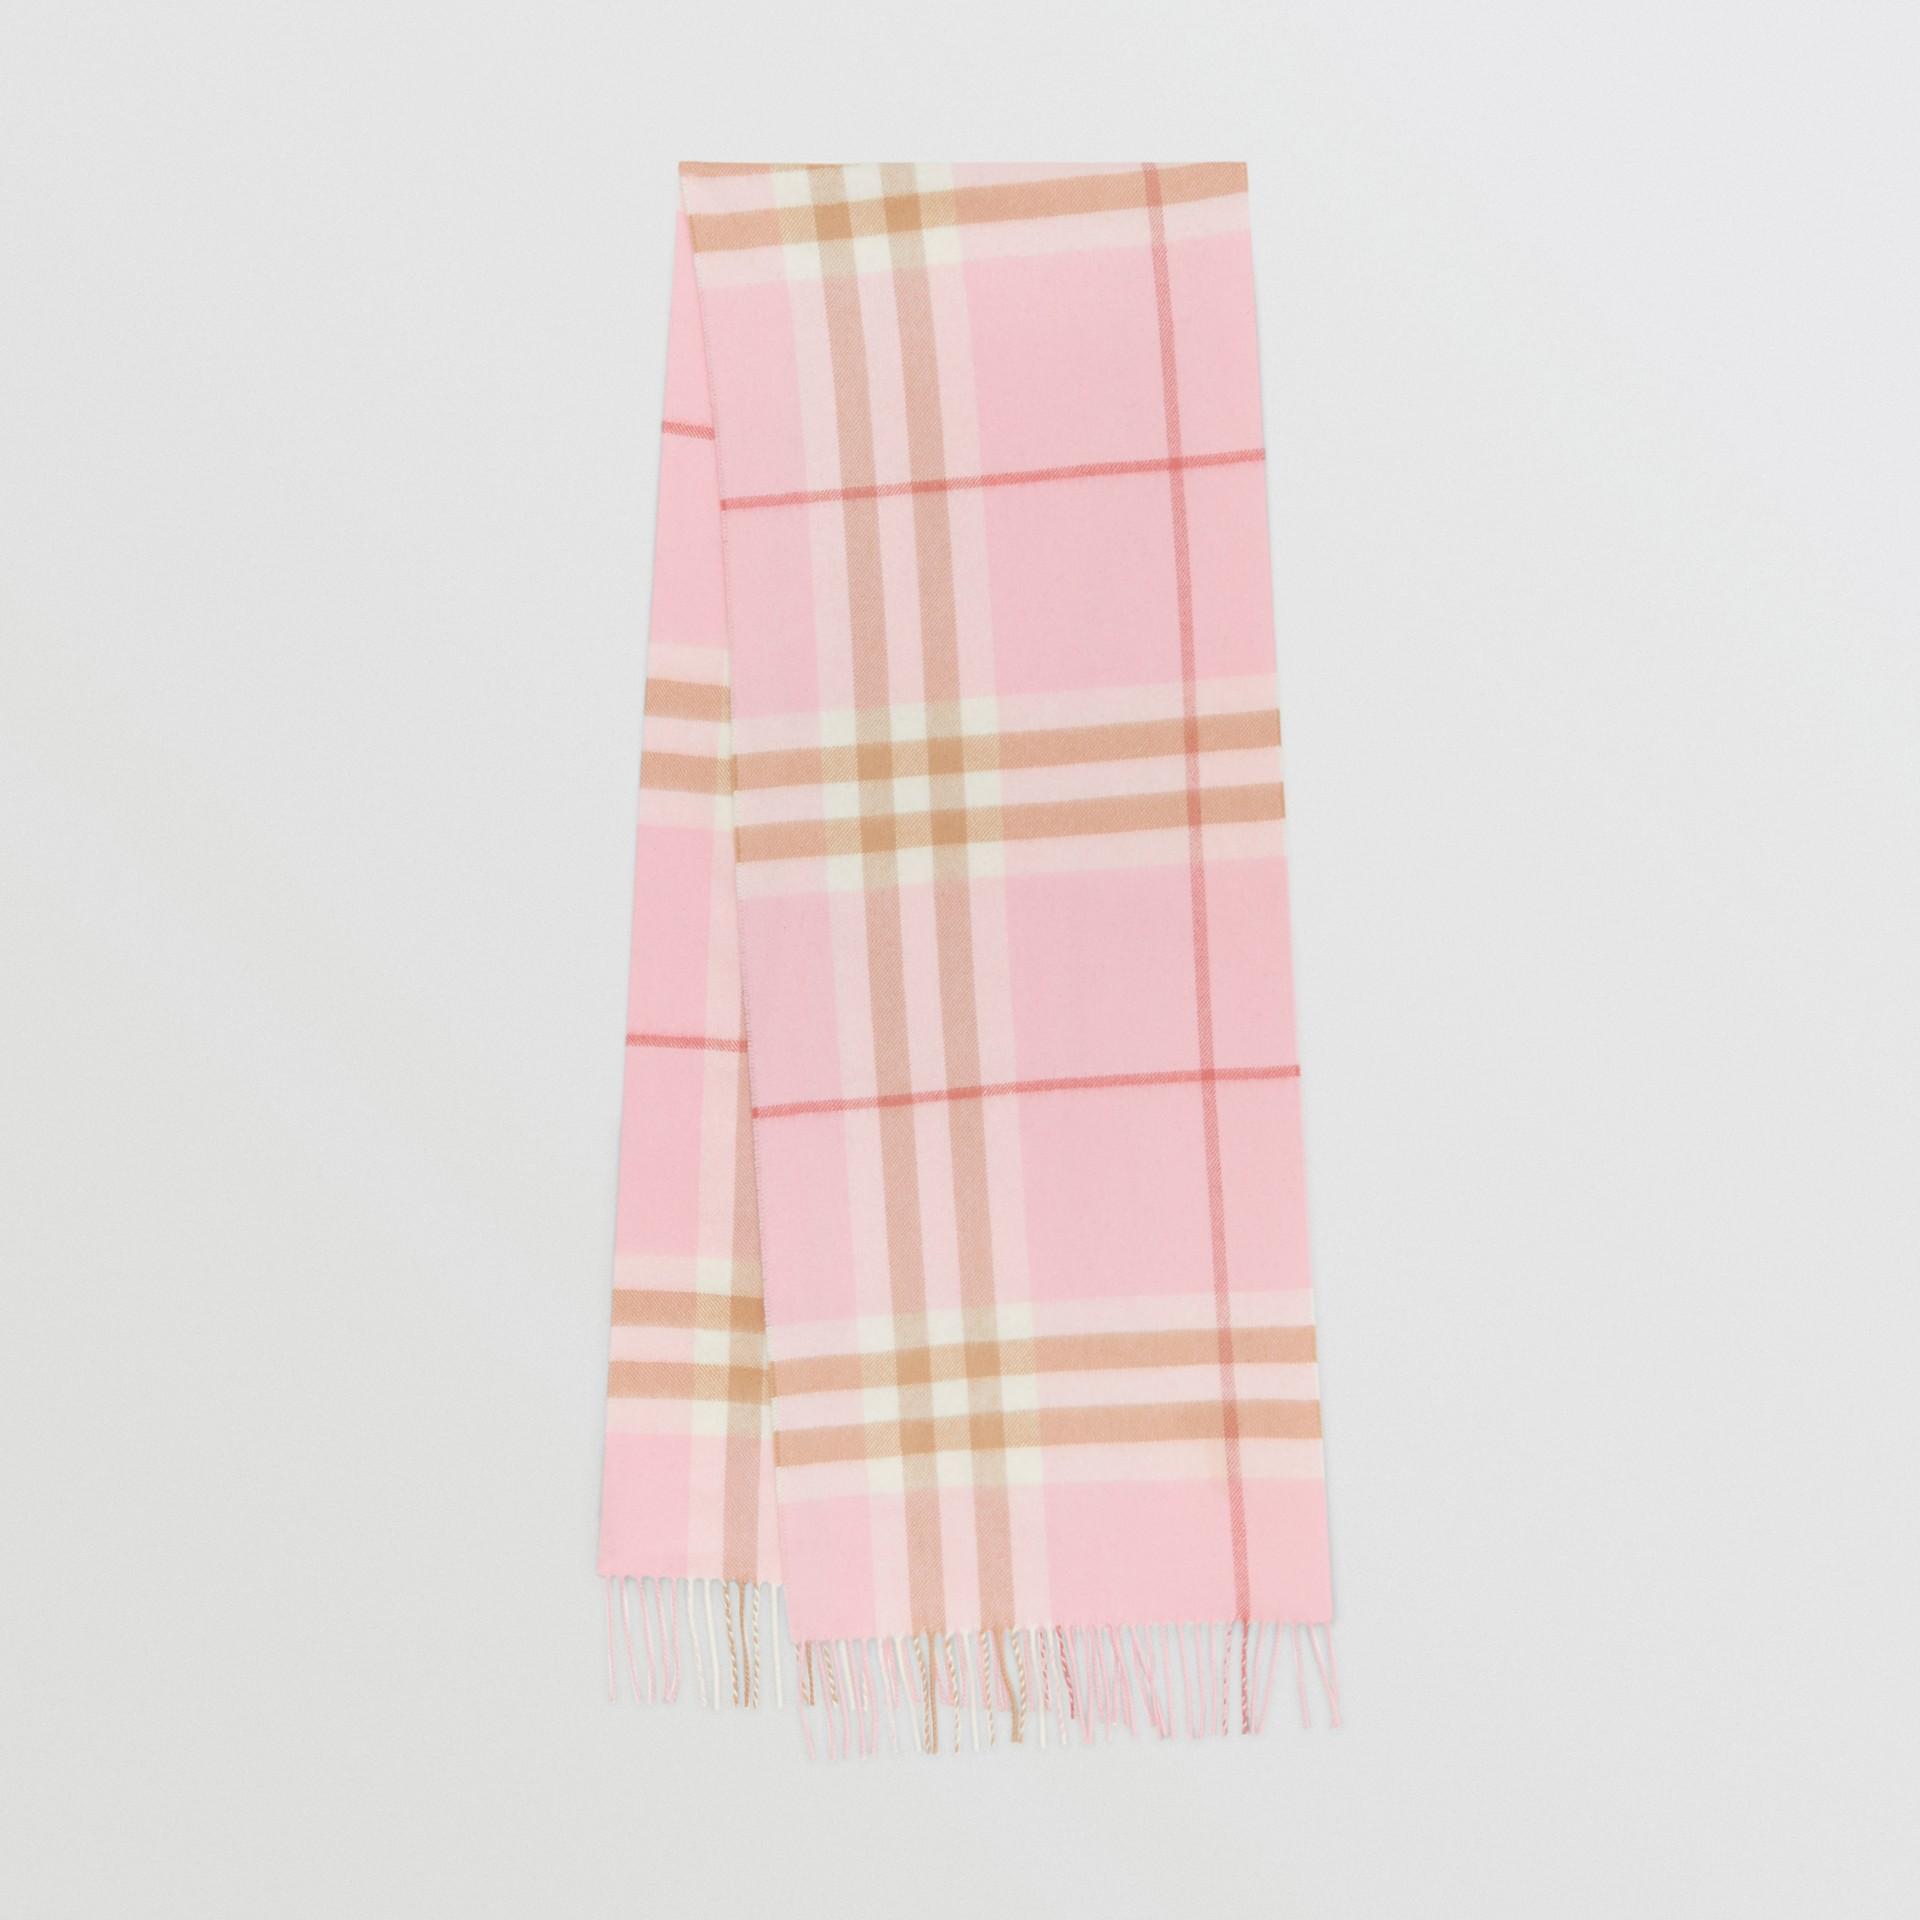 經典格紋喀什米爾圍巾 (糖果粉紅) | Burberry - 圖庫照片 0